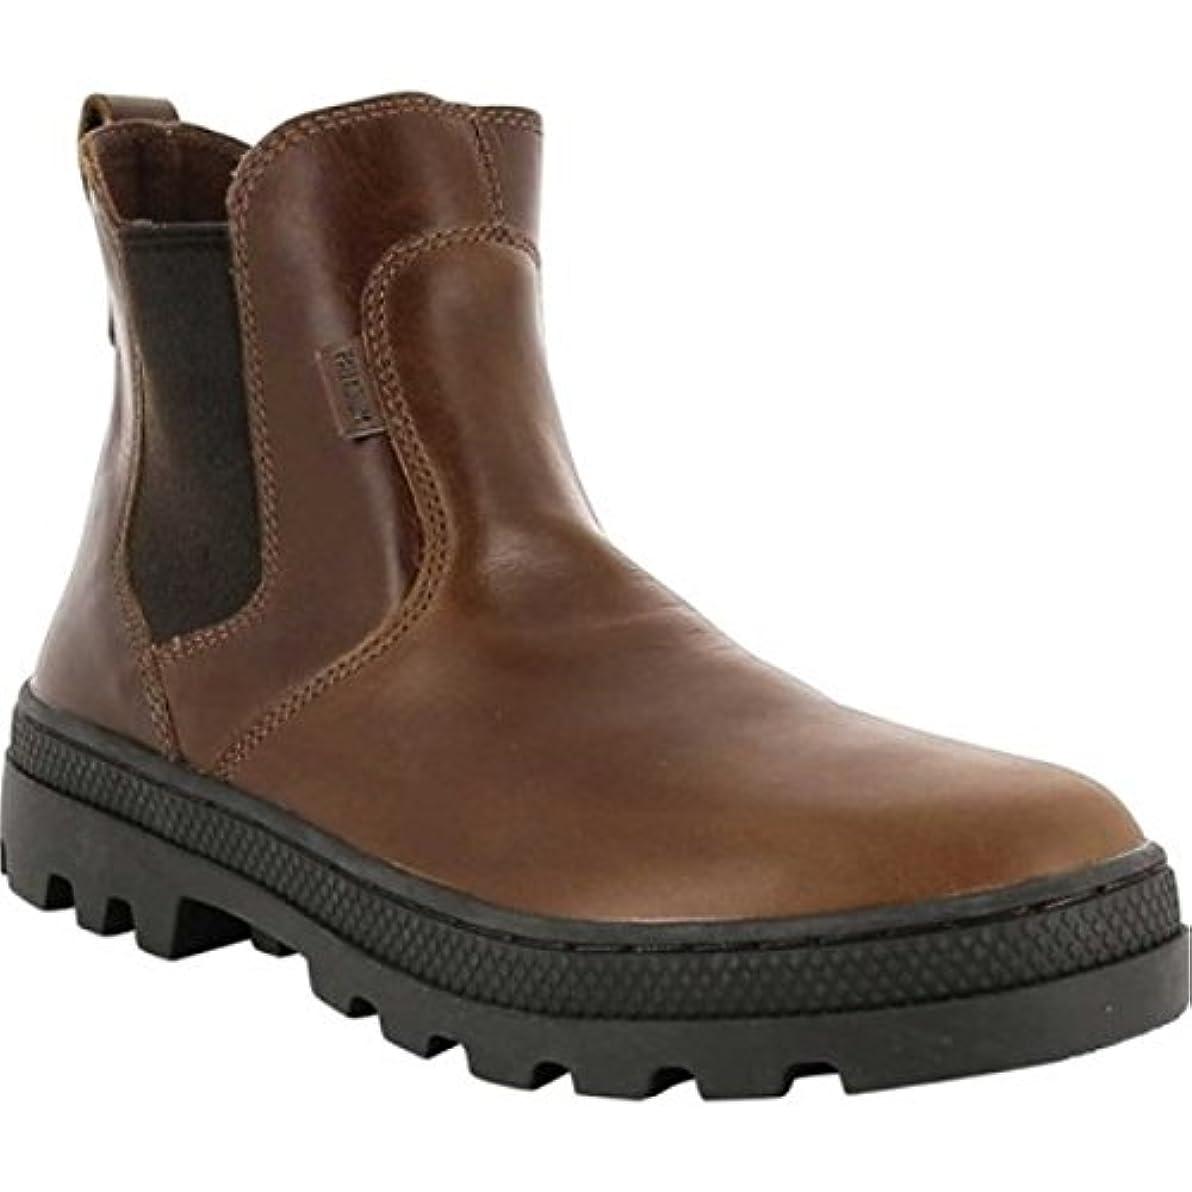 取得するコントラスト勝つ(パラディウム) Palladium レディース シューズ?靴 ブーツ Pallabosse L Chelsea Boot [並行輸入品]